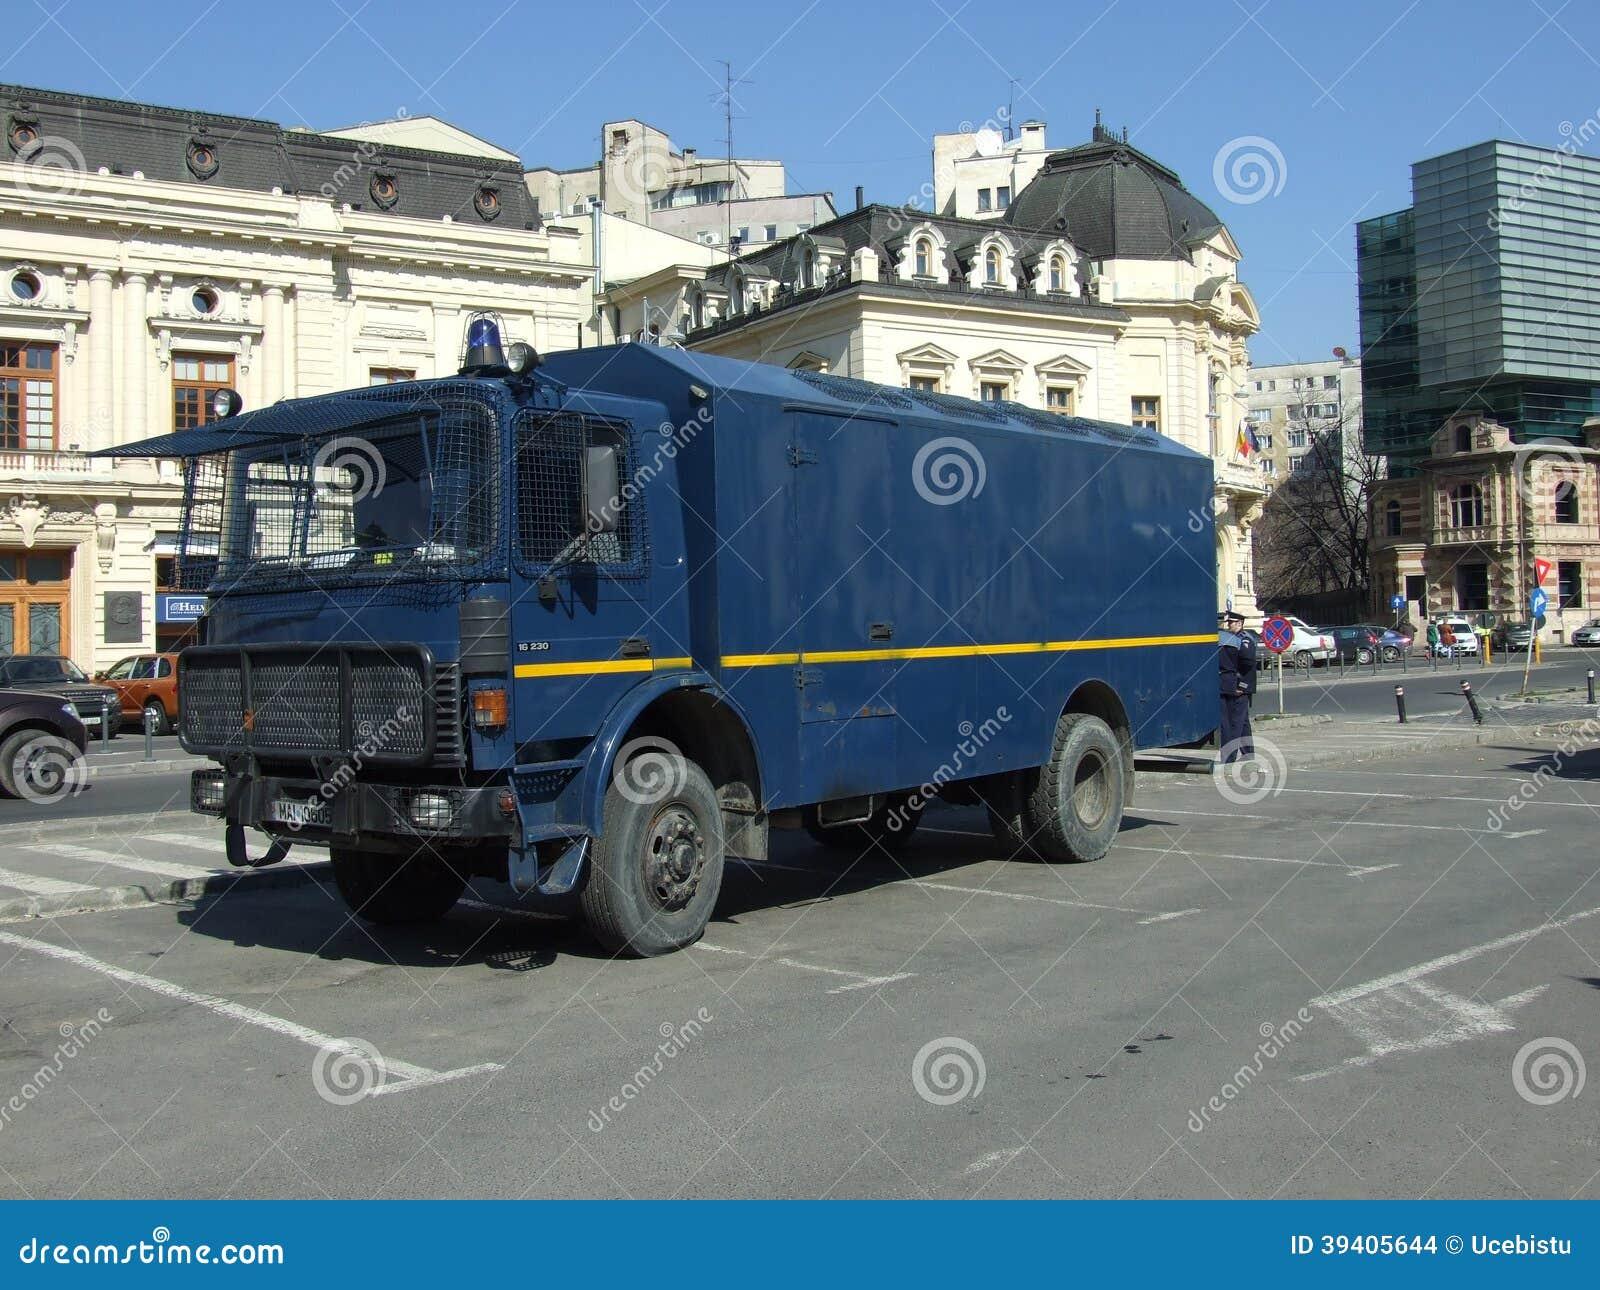 voiture de gendarmerie image stock ditorial image 39405644. Black Bedroom Furniture Sets. Home Design Ideas